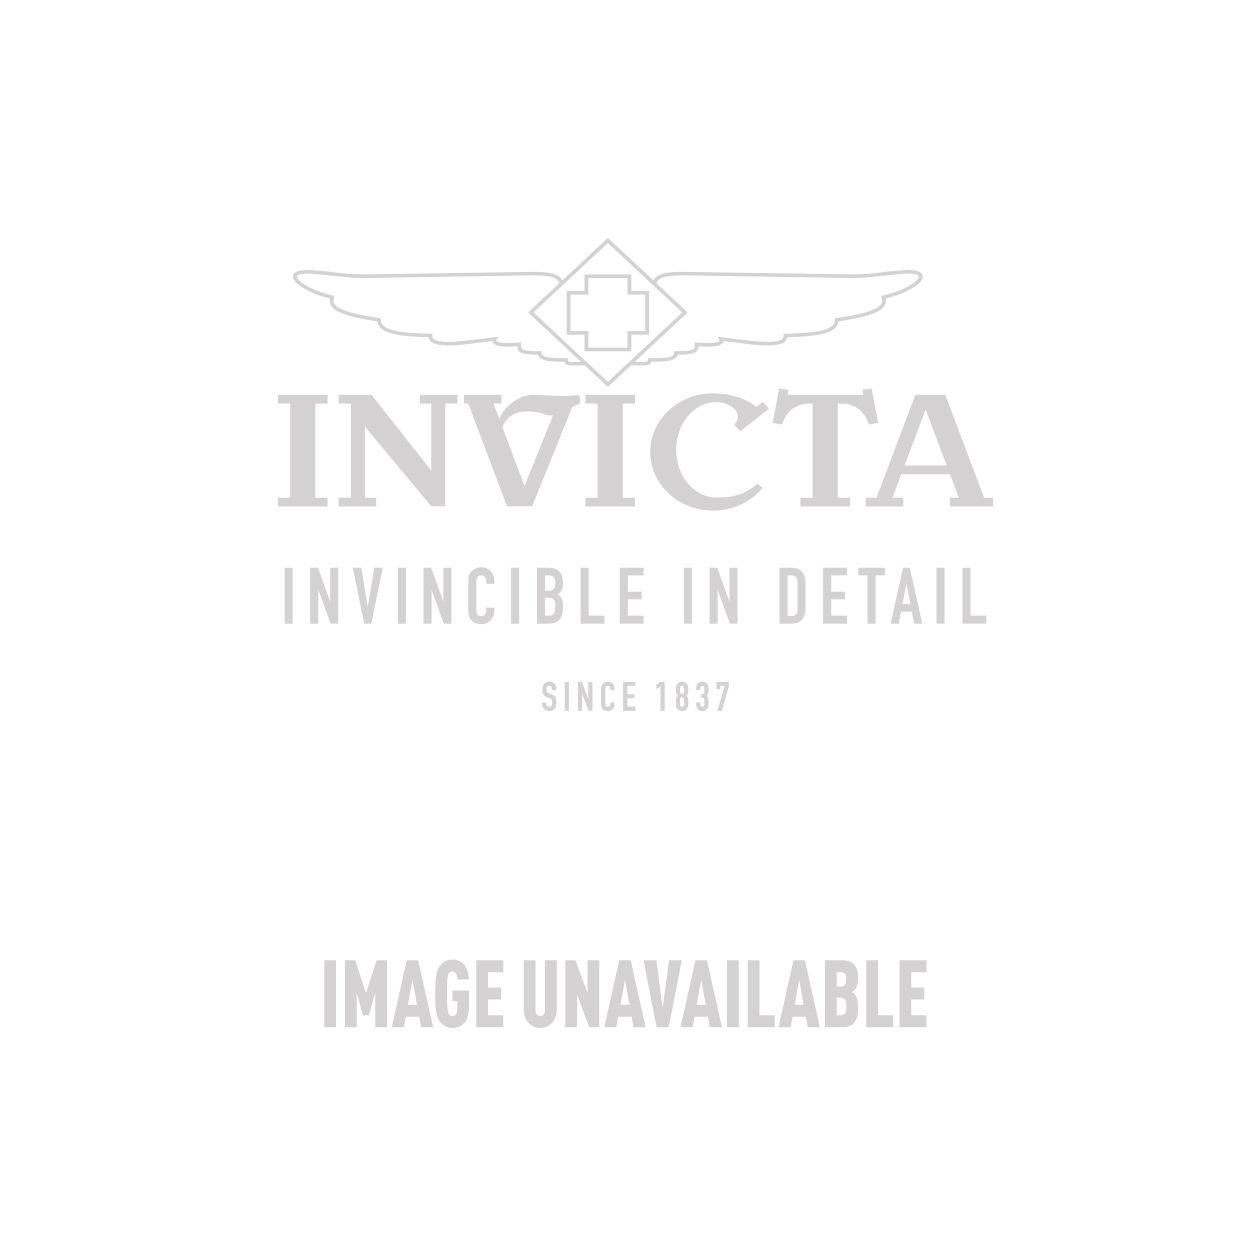 Invicta Model 25567